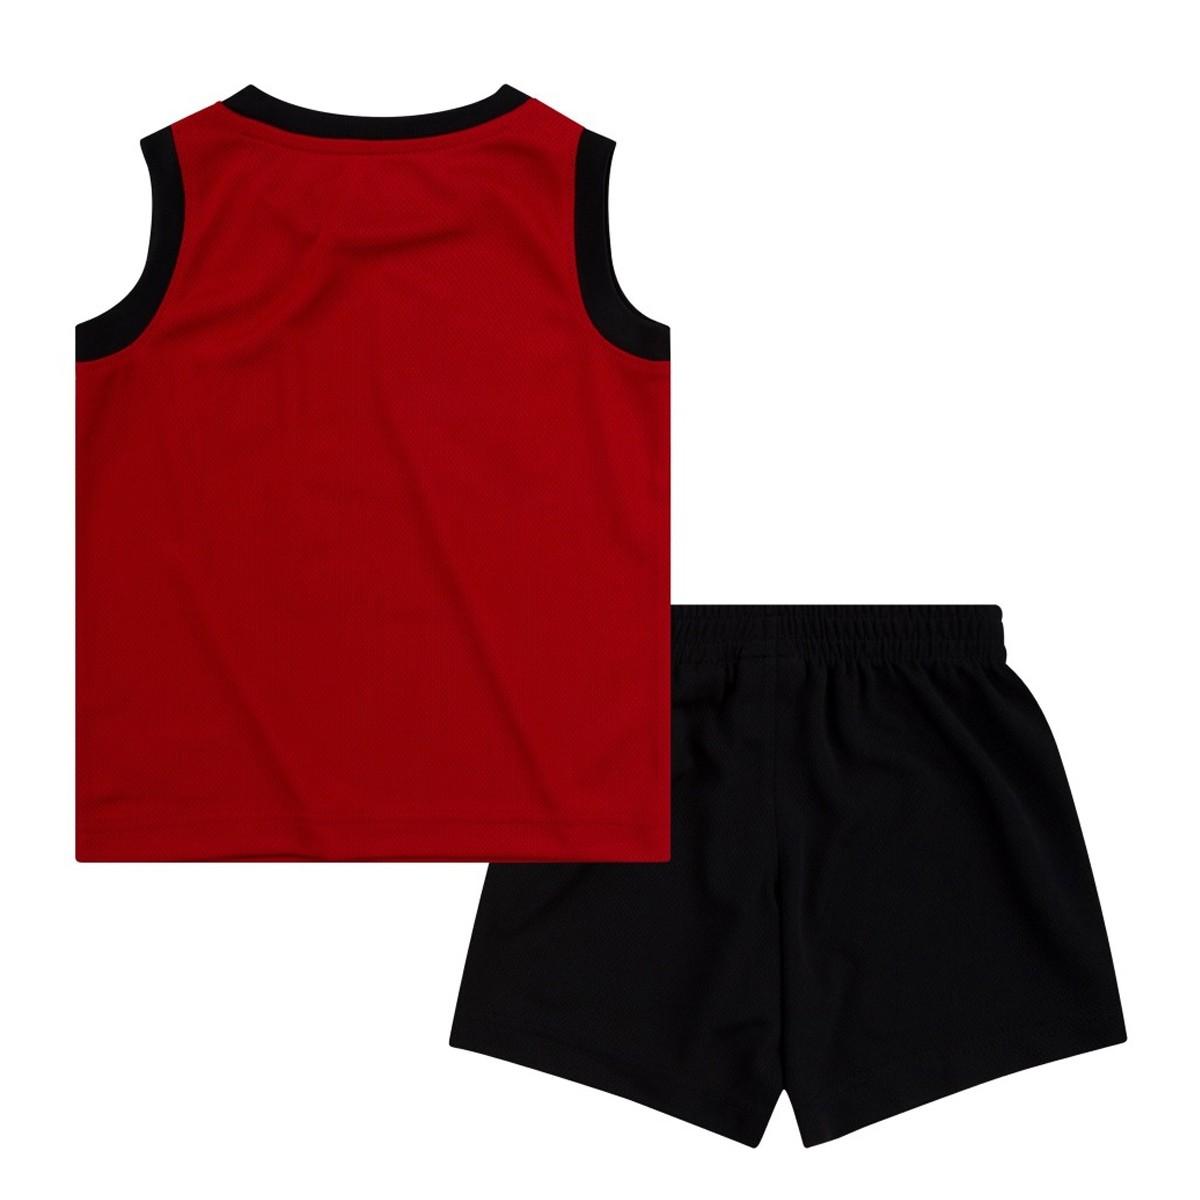 Conjunto Jordan Niño Muscle 'Bred'-857559-023